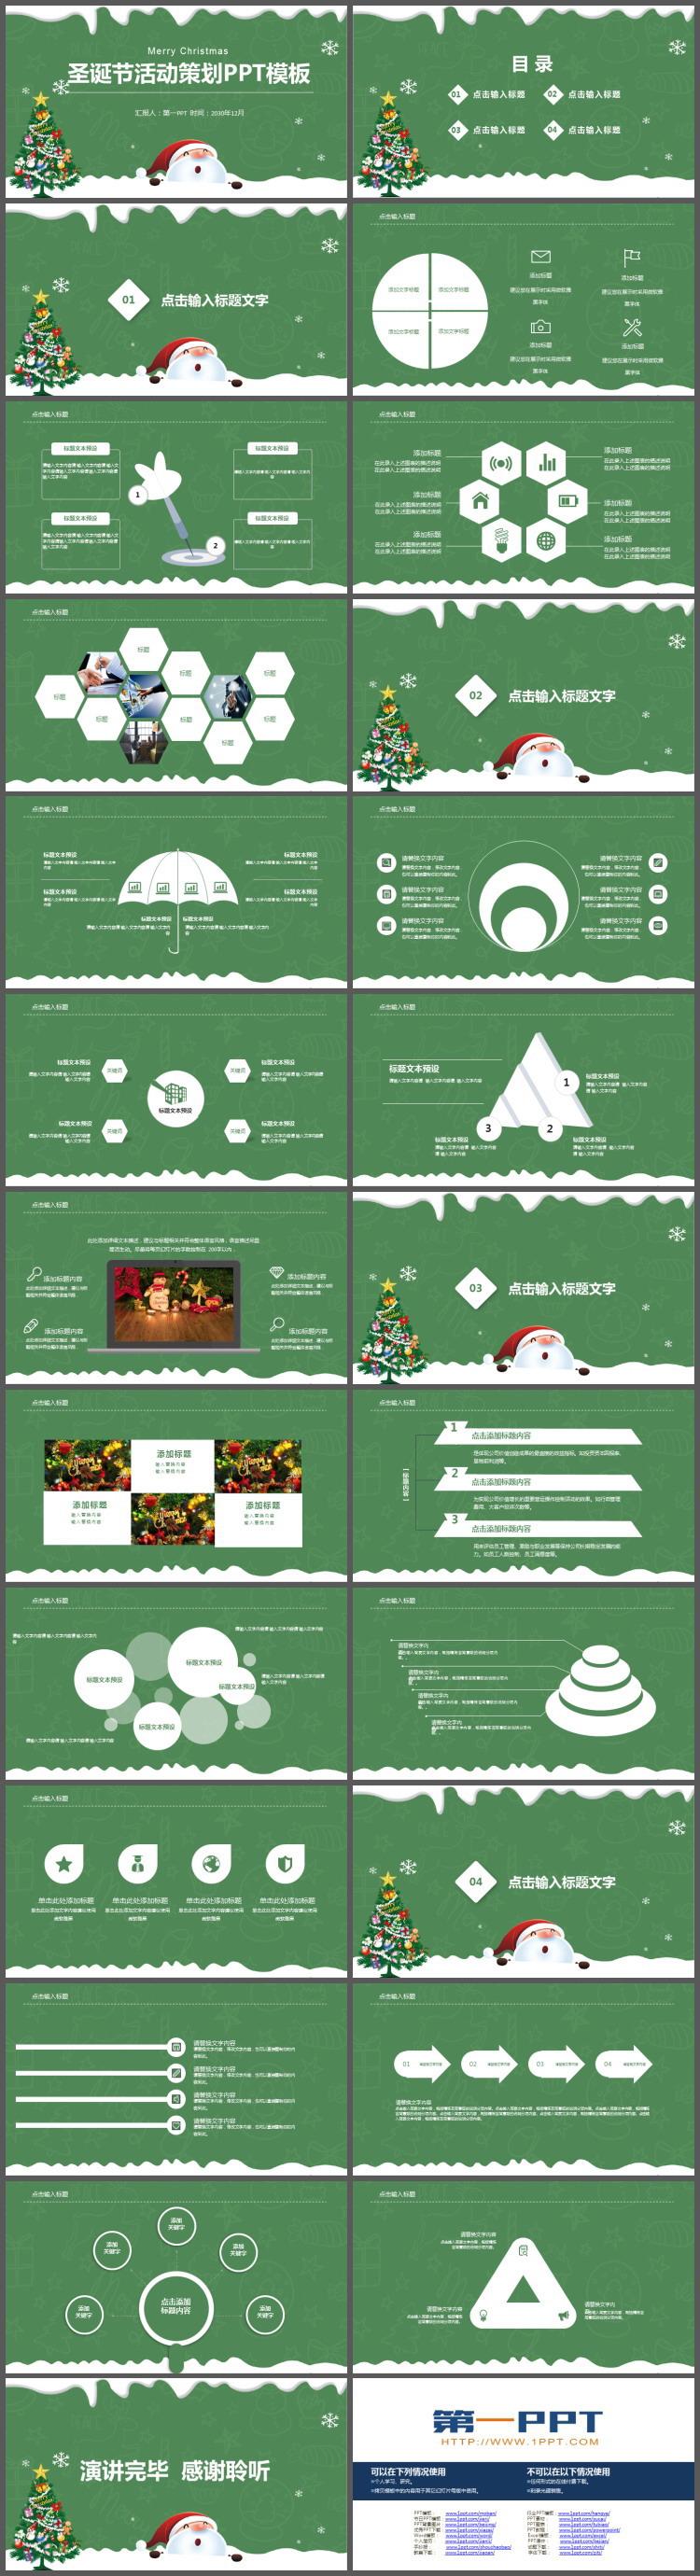 绿色清爽卡通圣诞节活动策划PPT模板